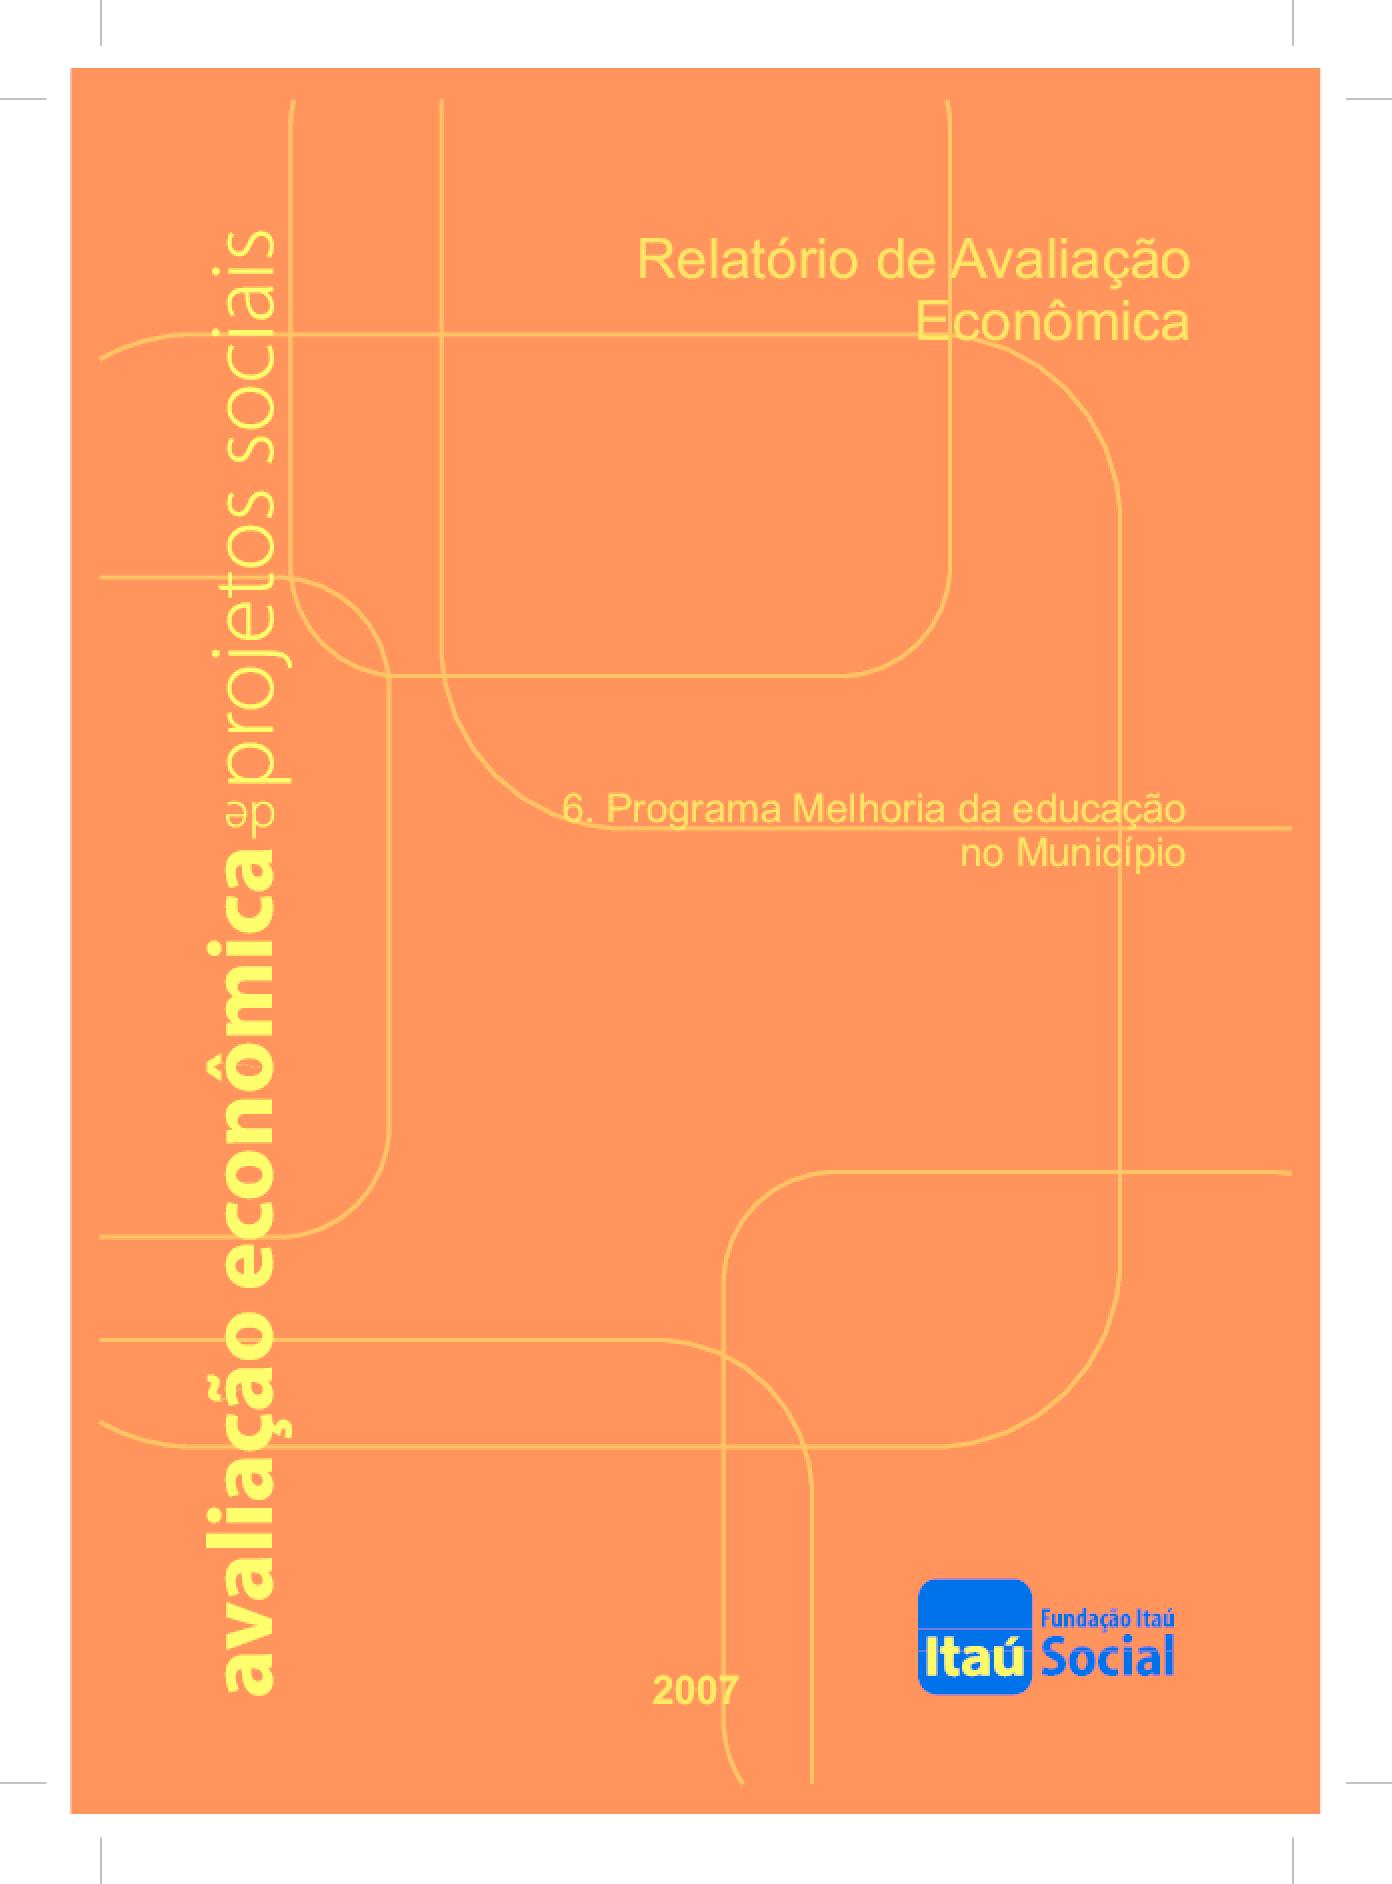 Relatório de avaliação econômica - programa melhoria da educação no município